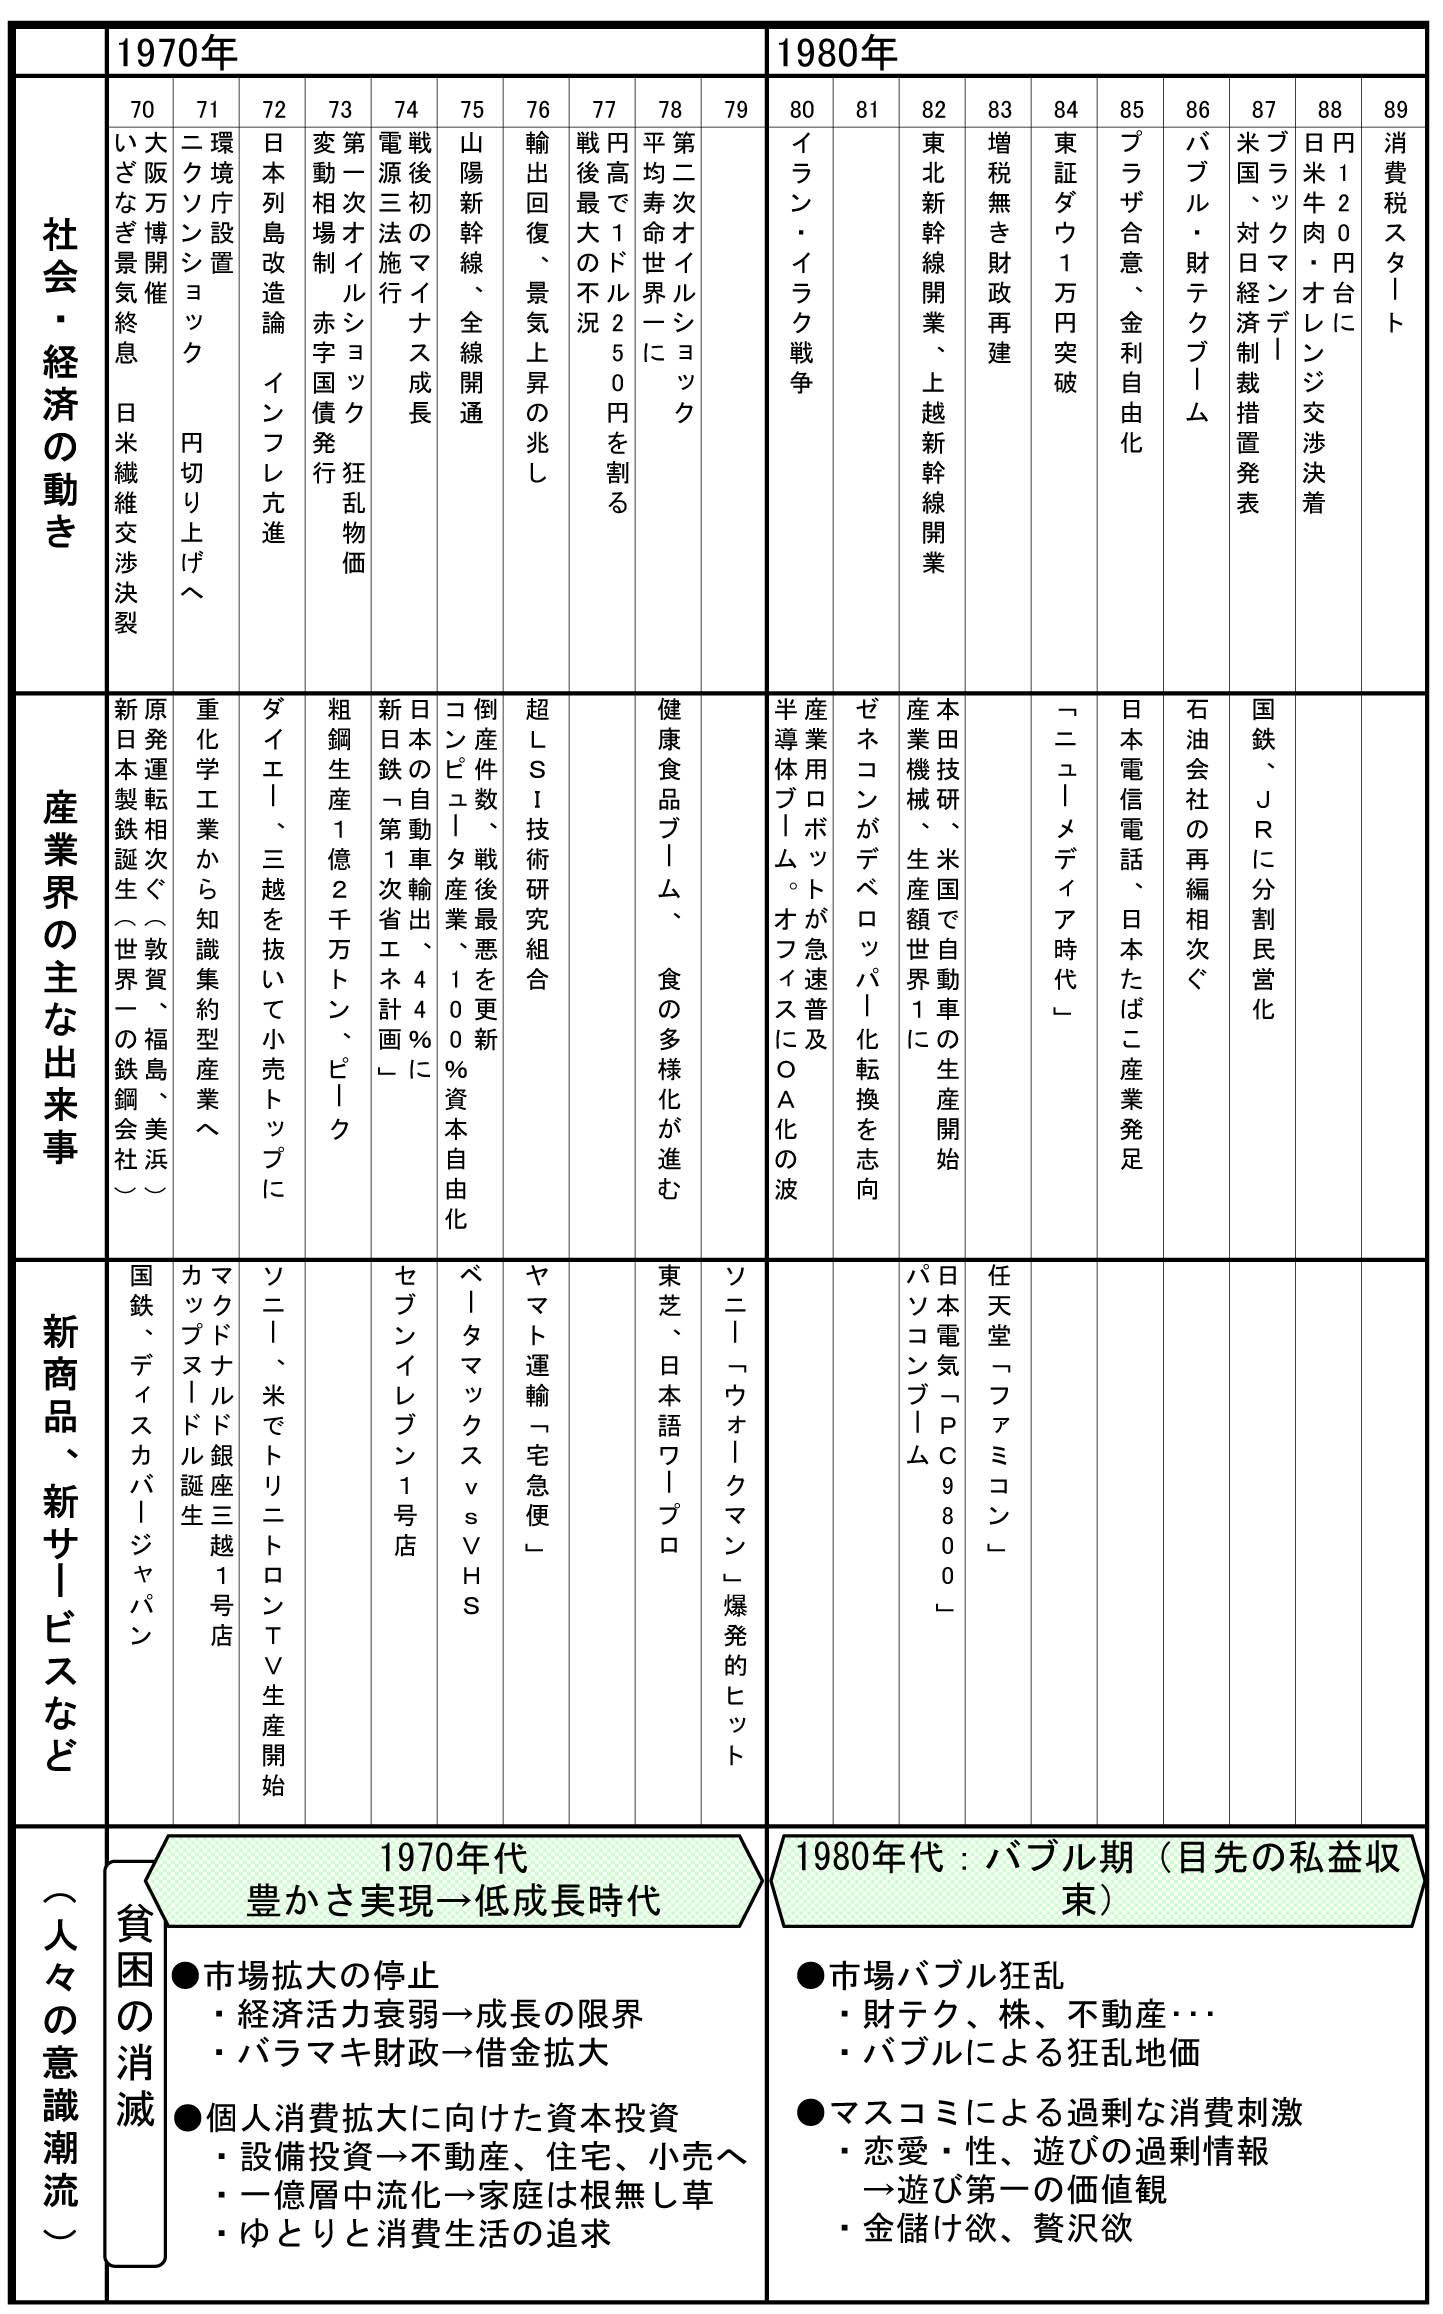 日本の女性史年表 - JapaneseCla...